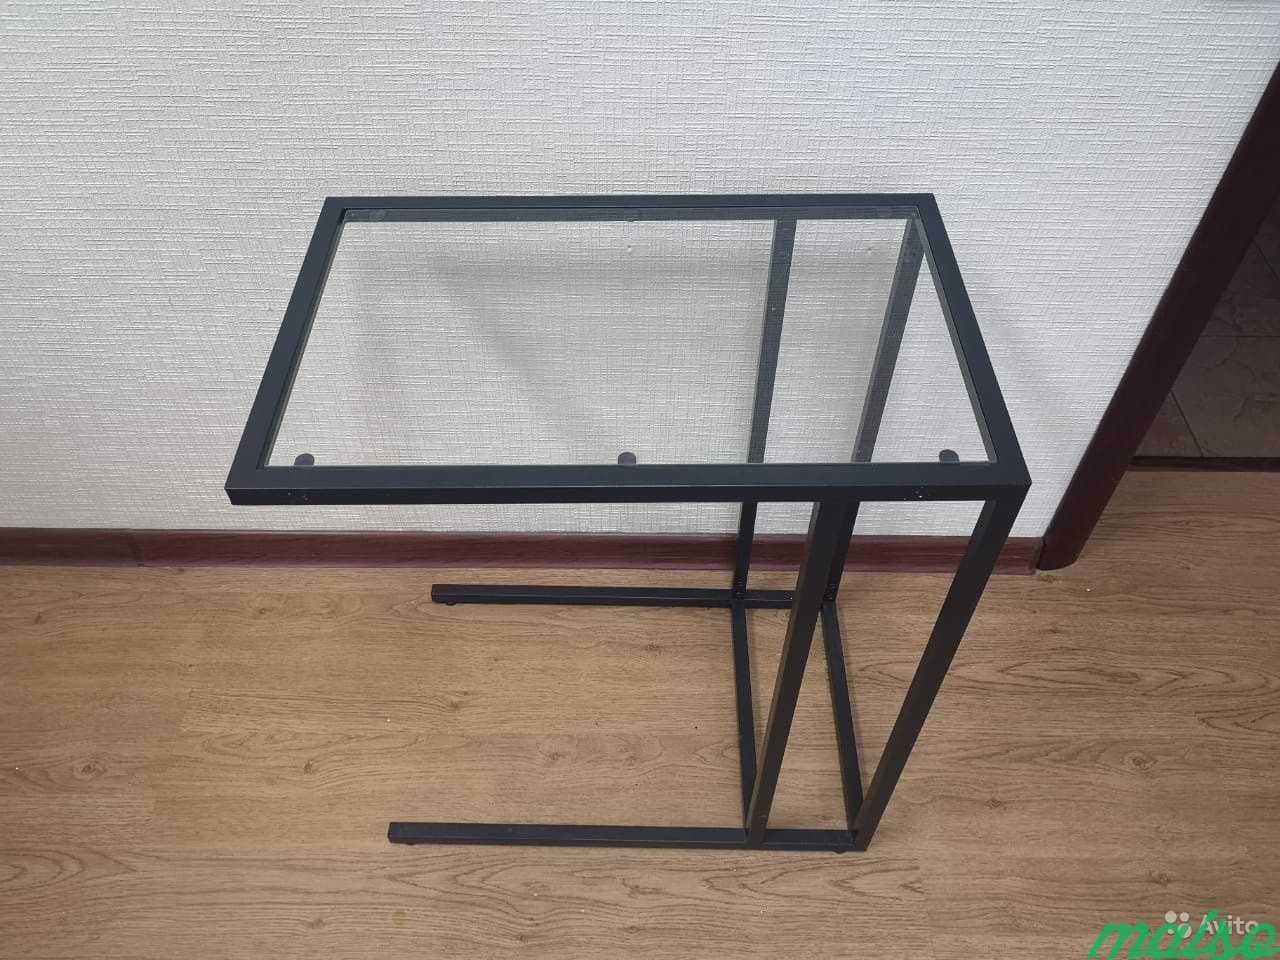 Столик стеклянный задвижной под диван в Москве. Фото 1